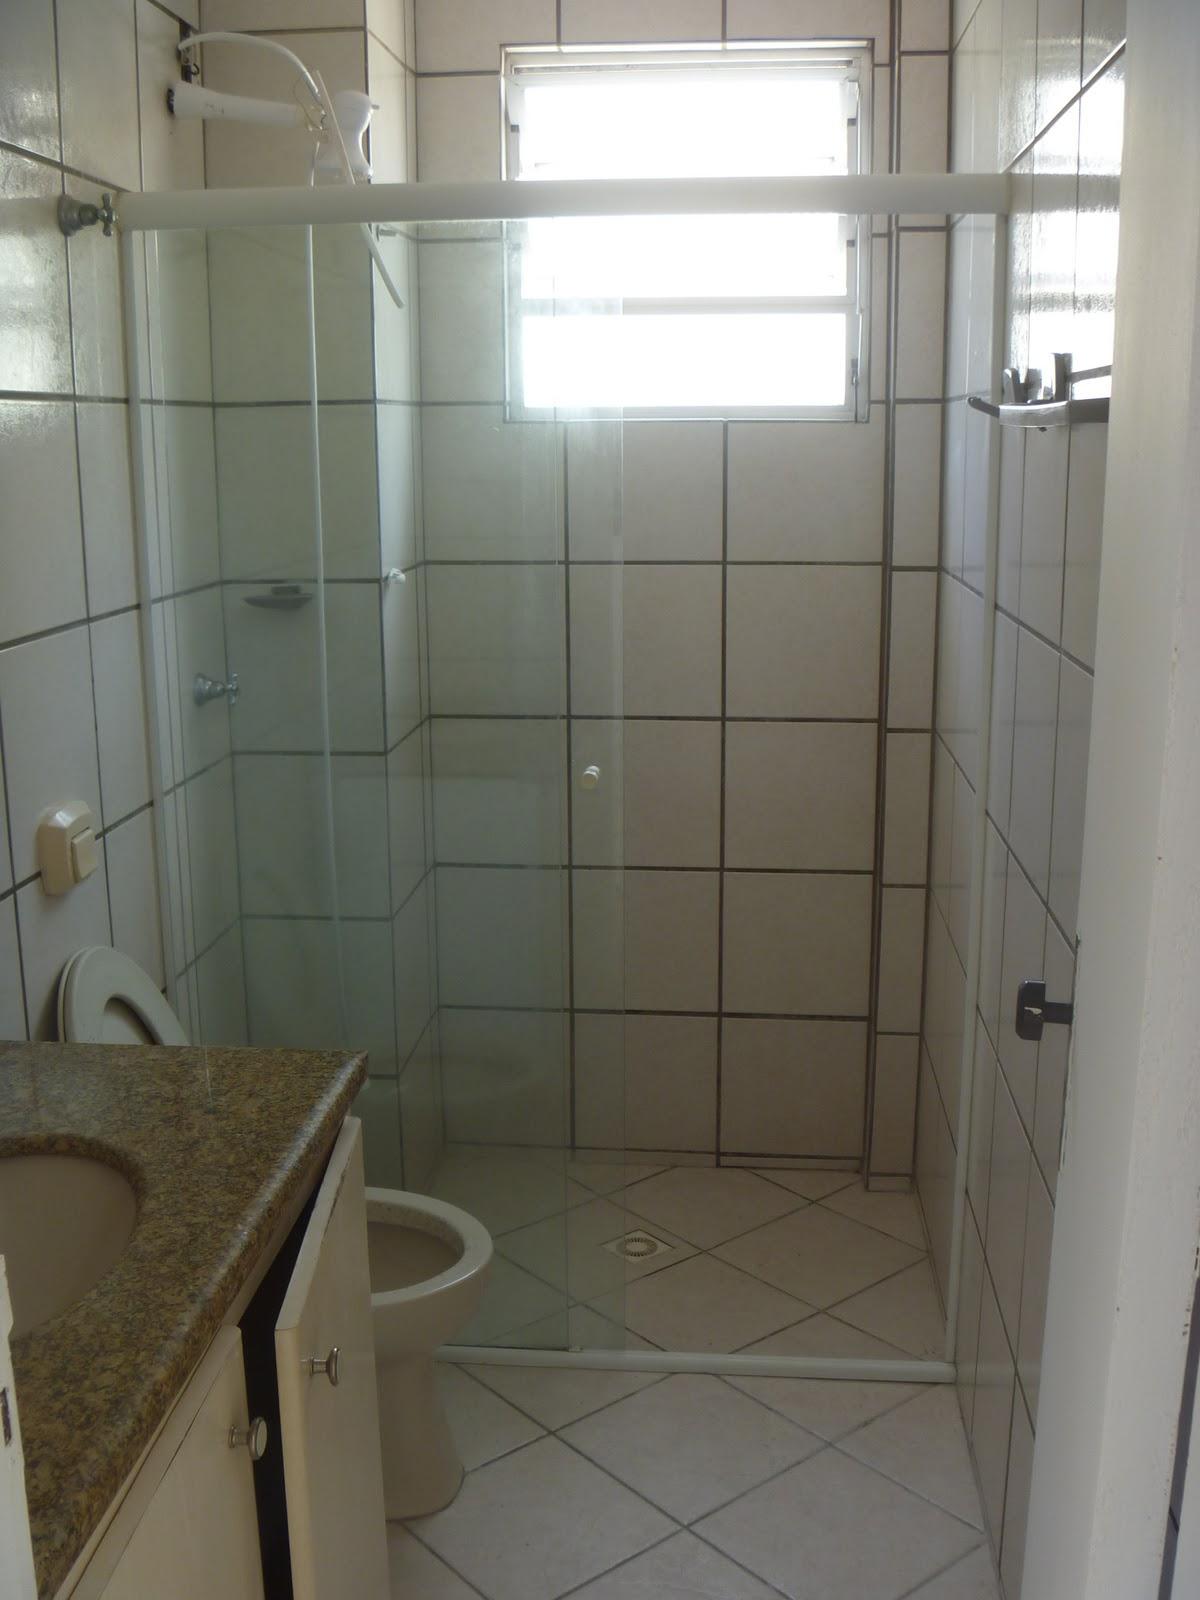 Reforma do novo ap: Banheiro #595141 1200 1600